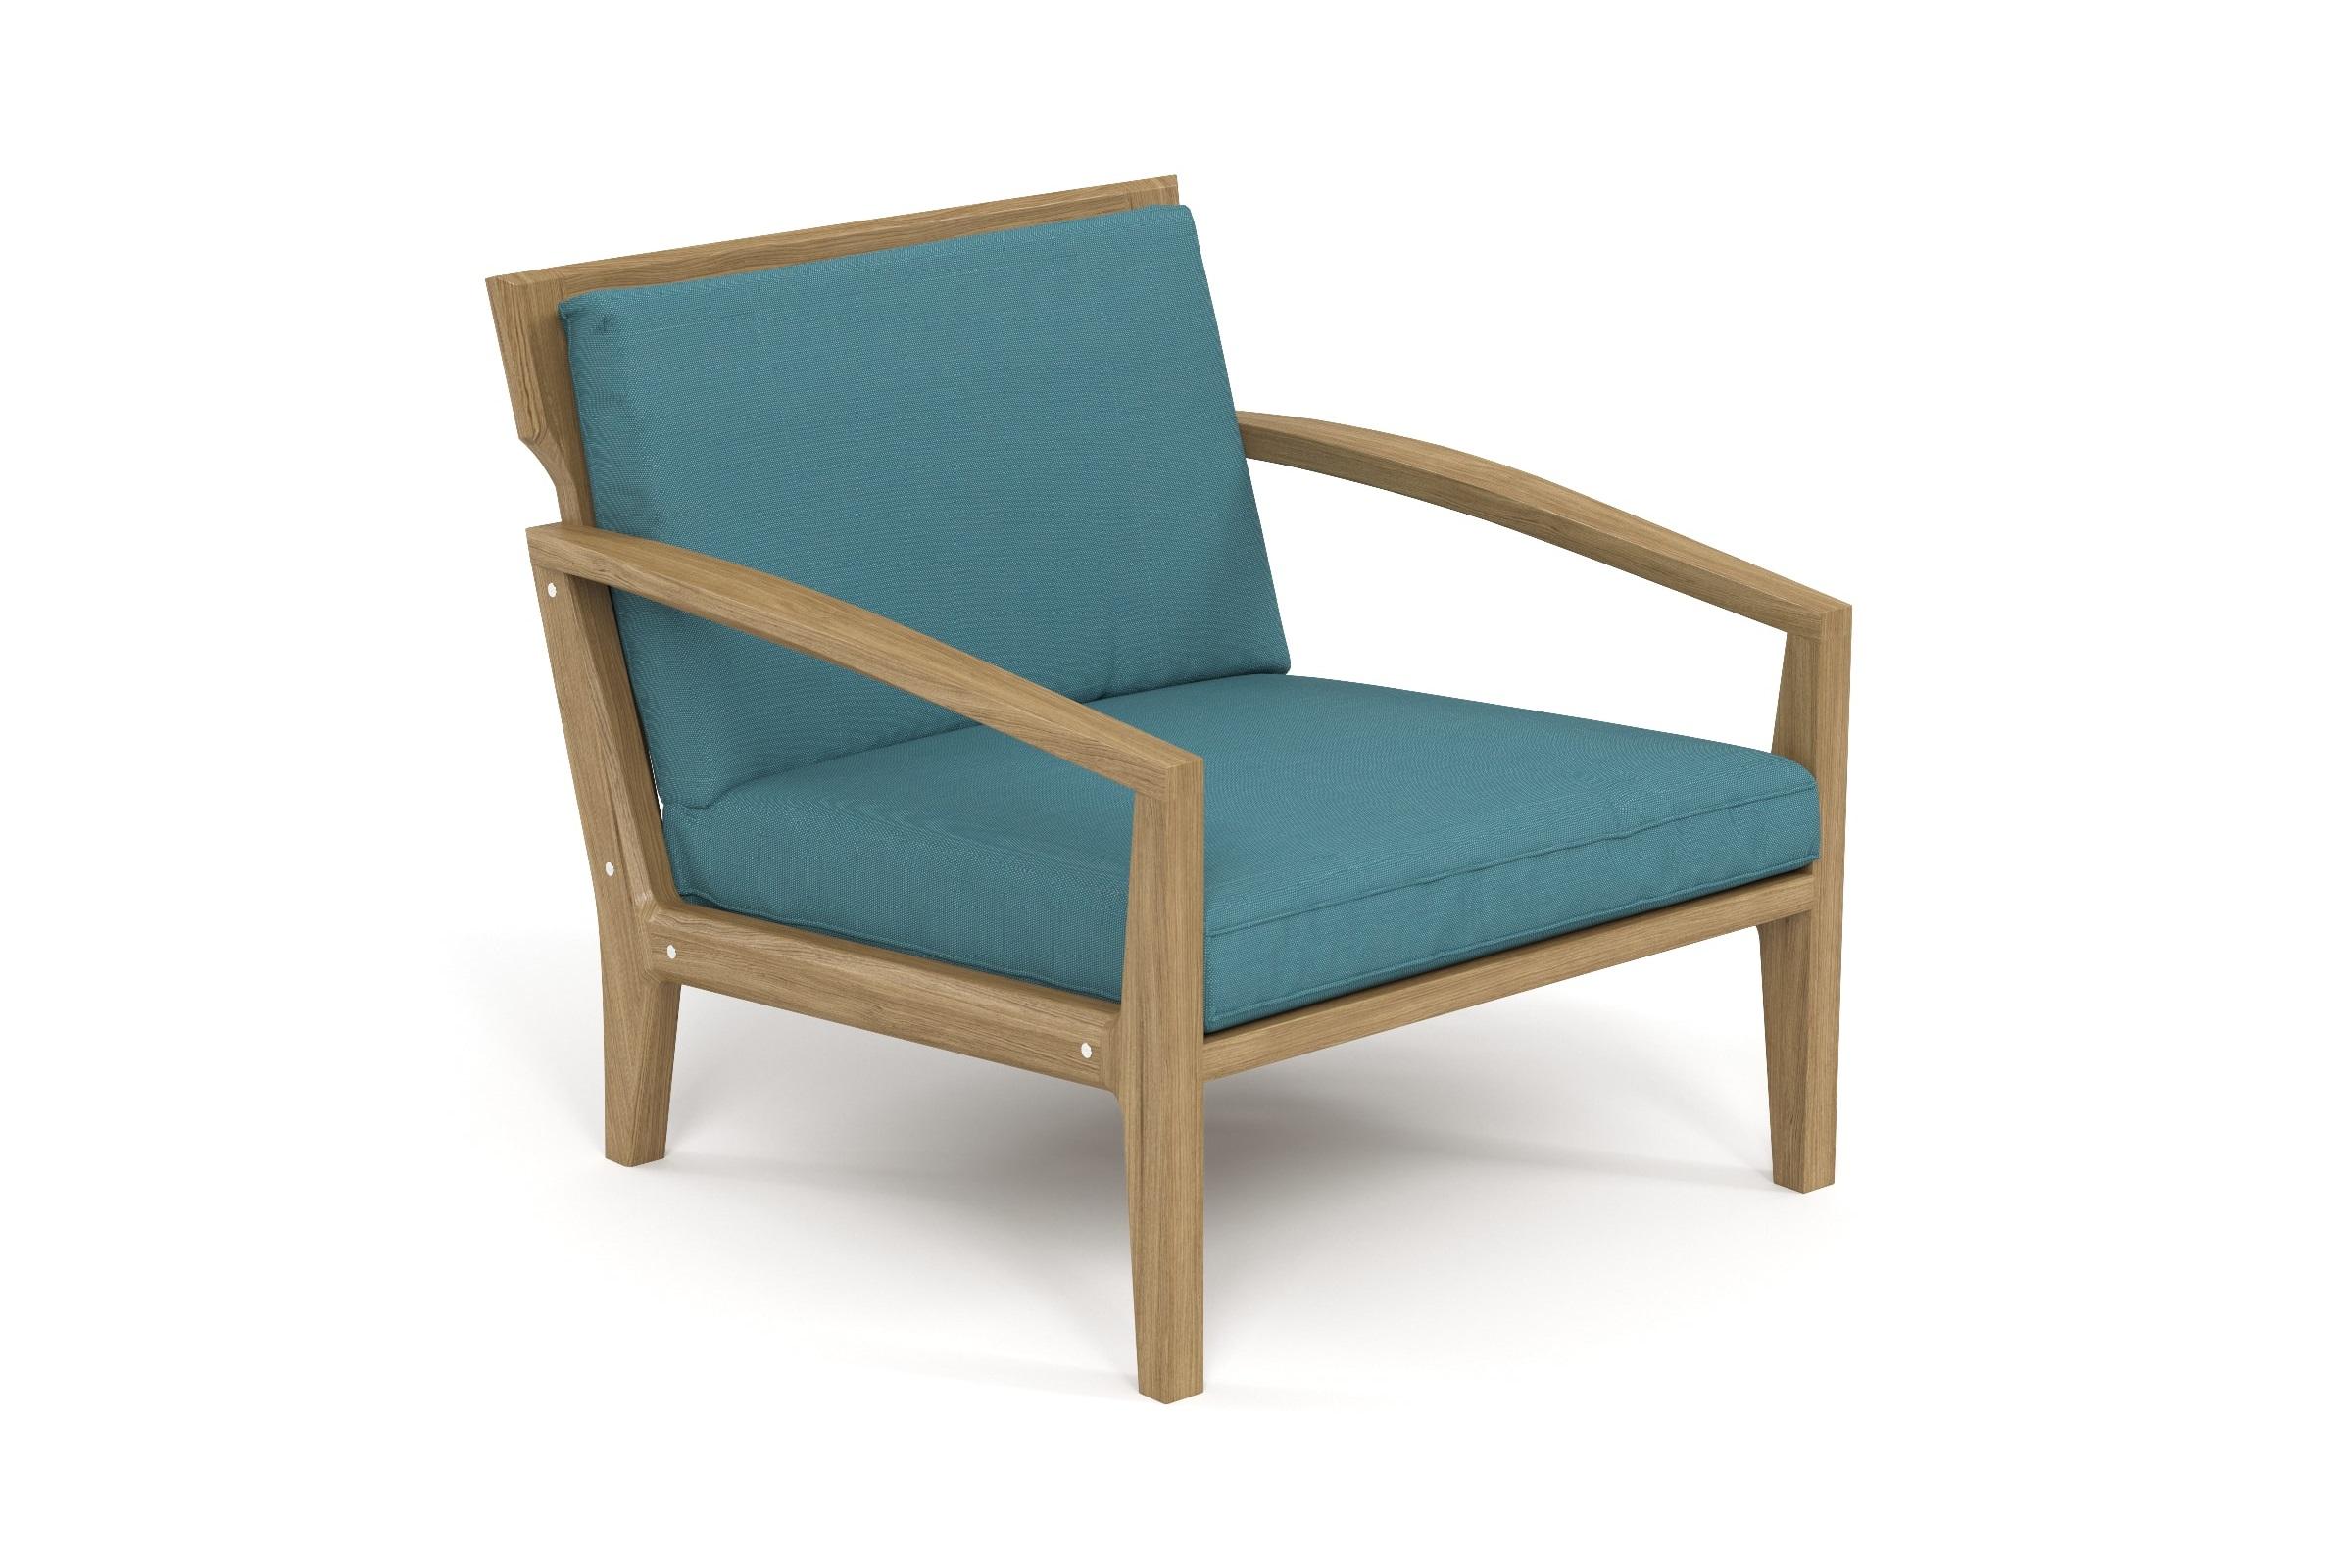 Кресло VoyageКресла для сада<br>&amp;lt;div&amp;gt;Коллекция SEAGULL – воплощение природной простоты и естественного совершенства. Мебель привлекает тёплыми тонами, уникальностью материала и идеальными пропорциями. Стеклянные столешницы обеденных и журнальных столов по цвету гармонируют с тканью подушек, удобные диваны и «утопающие» кресла дарят ощущения спокойствия и комфорта.&amp;amp;nbsp;&amp;lt;/div&amp;gt;&amp;lt;div&amp;gt;Высота посадки:420мм.&amp;lt;/div&amp;gt;&amp;lt;div&amp;gt;&amp;lt;br&amp;gt;&amp;lt;/div&amp;gt;&amp;lt;div&amp;gt;Ироко – экзотическая золотисто-коричневатая/оливково-коричневая древесина с золотистым оттенком. Цвет ироко практически не меняется со временем, немного темнеет и приобретает теплый маслянистый оттенок. По физическим свойствам не уступает тику. Древесина африканского тика не подвержена гниению и воздействию термитов, не требует дополнительной антибактериальной обработки. Мебель из ироко допускает круглогодичную эксплуатацию на открытом воздухе, выдерживает перепады температур от –30 до +30С. Срок службы более 20 лет.&amp;amp;nbsp;&amp;lt;/div&amp;gt;&amp;lt;div&amp;gt;&amp;lt;br&amp;gt;&amp;lt;/div&amp;gt;&amp;lt;div&amp;gt;Sunbrella® – акриловая ткань с водоотталкивающими свойствами от мирового лидера в производстве тканей для яхт.&amp;lt;/div&amp;gt;&amp;lt;div&amp;gt;&amp;lt;br&amp;gt;&amp;lt;/div&amp;gt;<br><br>&amp;lt;iframe width=&amp;quot;530&amp;quot; height=&amp;quot;300&amp;quot; src=&amp;quot;https://www.youtube.com/embed/uL9Kujh07kc&amp;quot; frameborder=&amp;quot;0&amp;quot; allowfullscreen=&amp;quot;&amp;quot;&amp;gt;&amp;lt;/iframe&amp;gt;<br><br>Material: Ироко<br>Ширина см: 80<br>Высота см: 78<br>Глубина см: 89